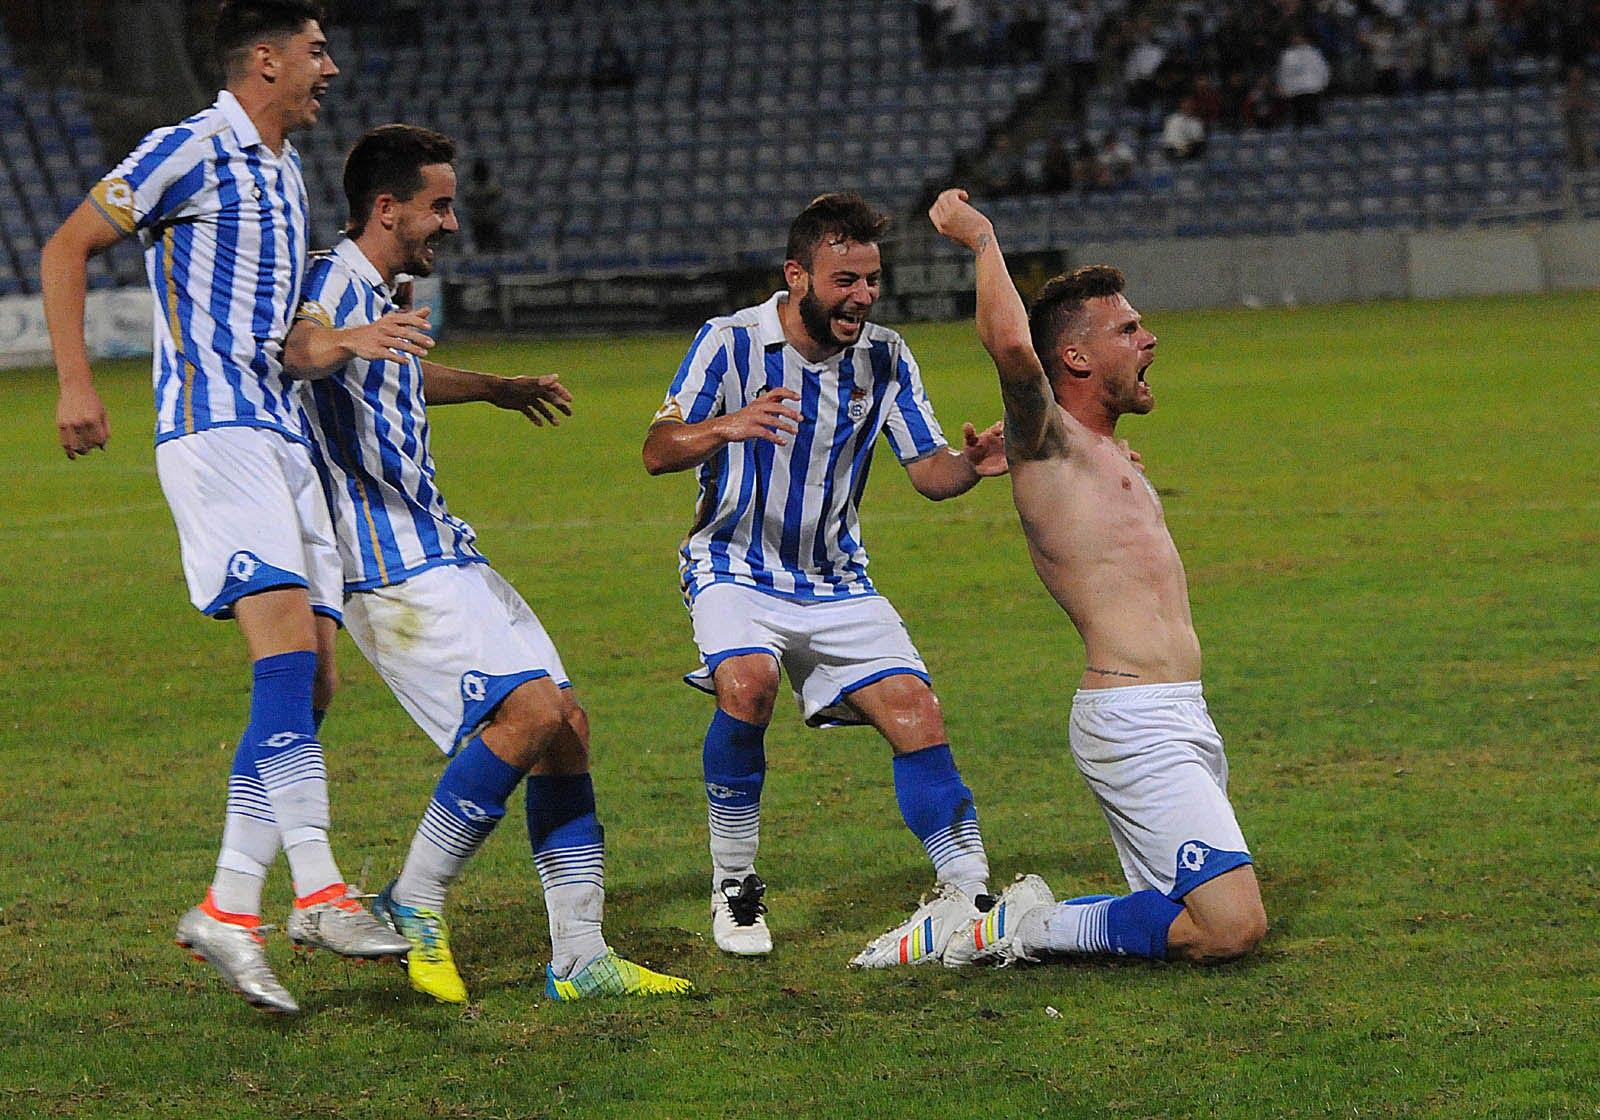 Iván Aguilar no pudo contener su furia contenida desde hace semanas y al marcar lo celebró quitándose la camiseta que le costó una nueva amarilla y la expulsión.